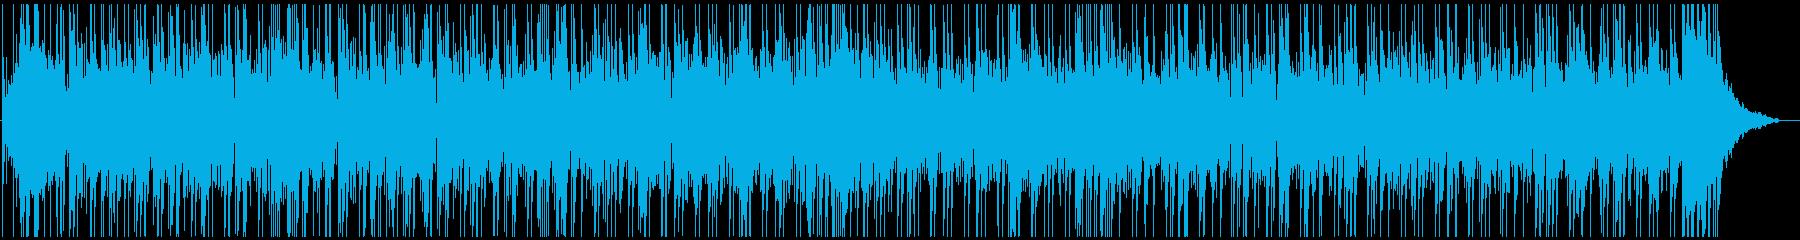 疾走感あふれるポップフュージョンの再生済みの波形